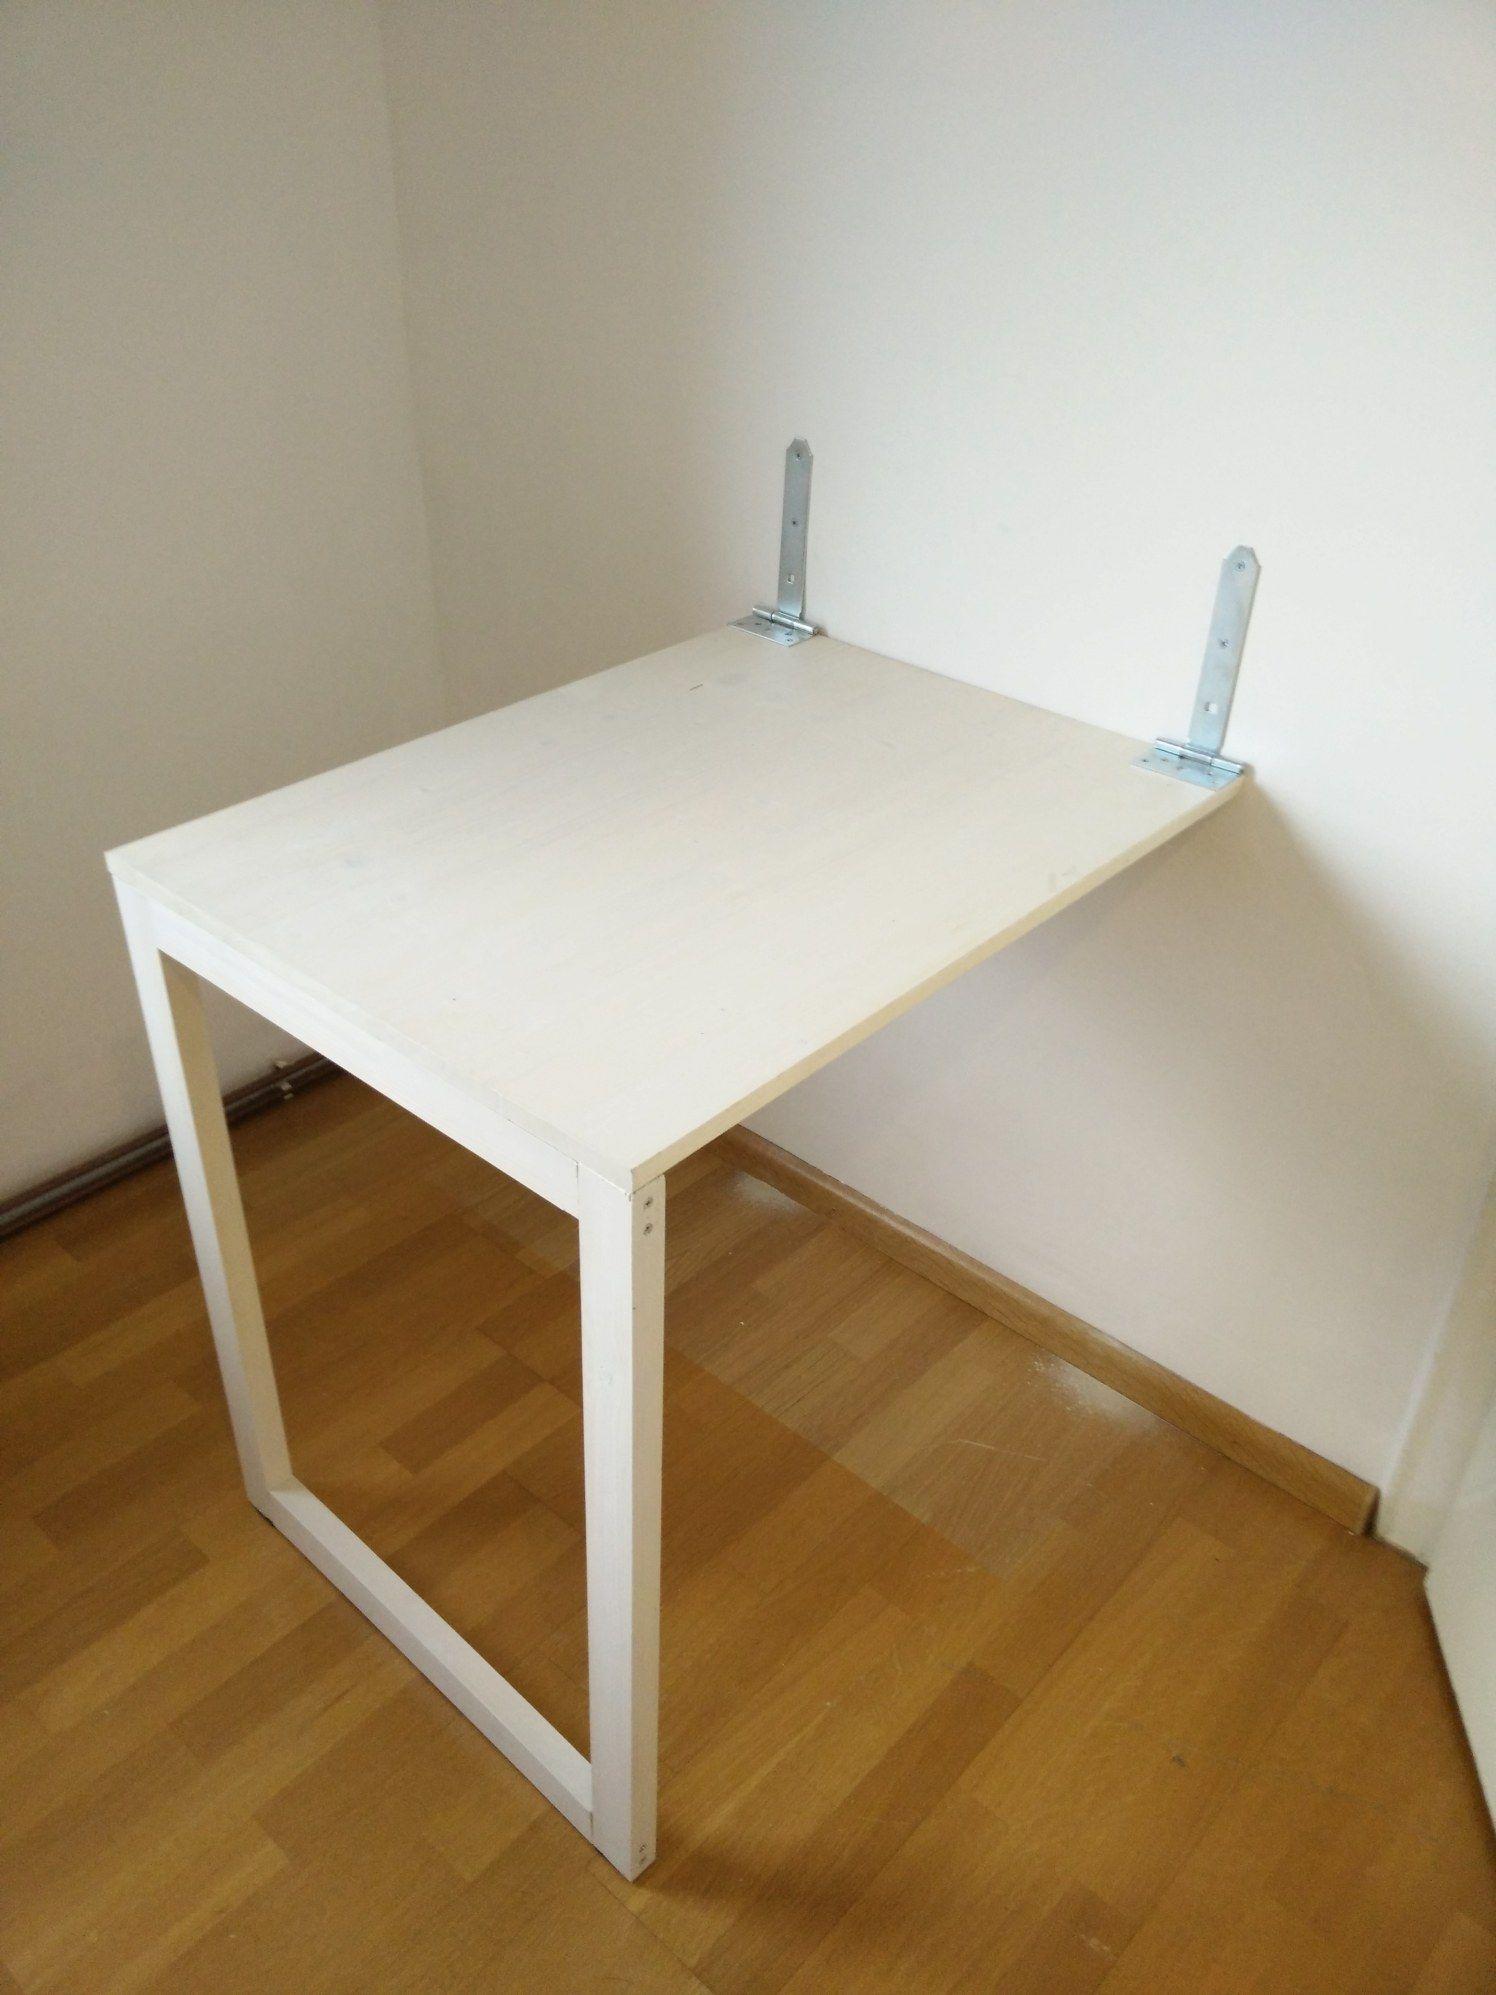 Tisch Diy Diy Wooden Table Diy Holztisch Kleiner Kuchentisch